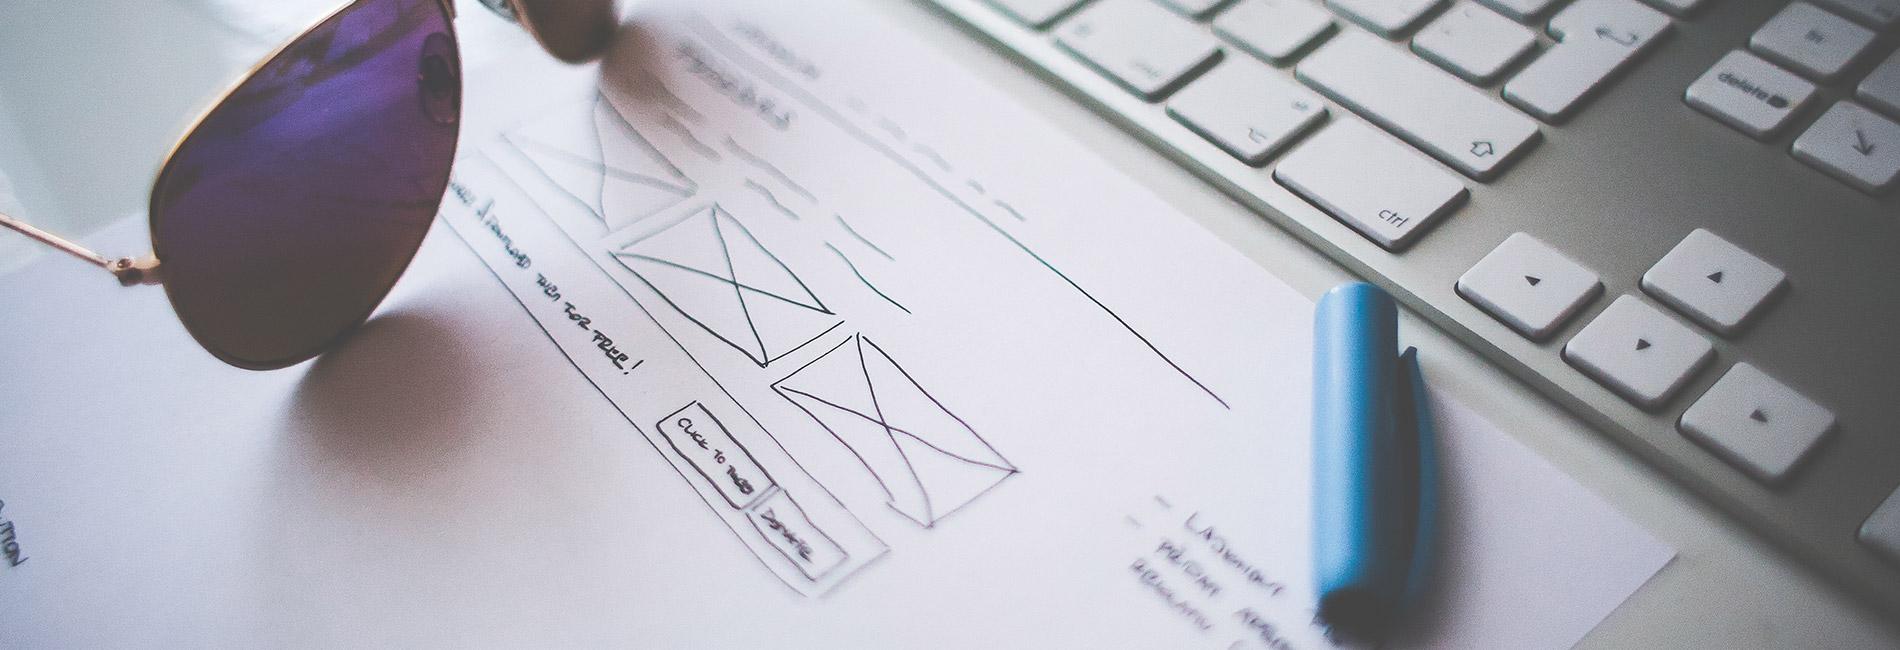 Sviluppo di siti web ed e-commerce